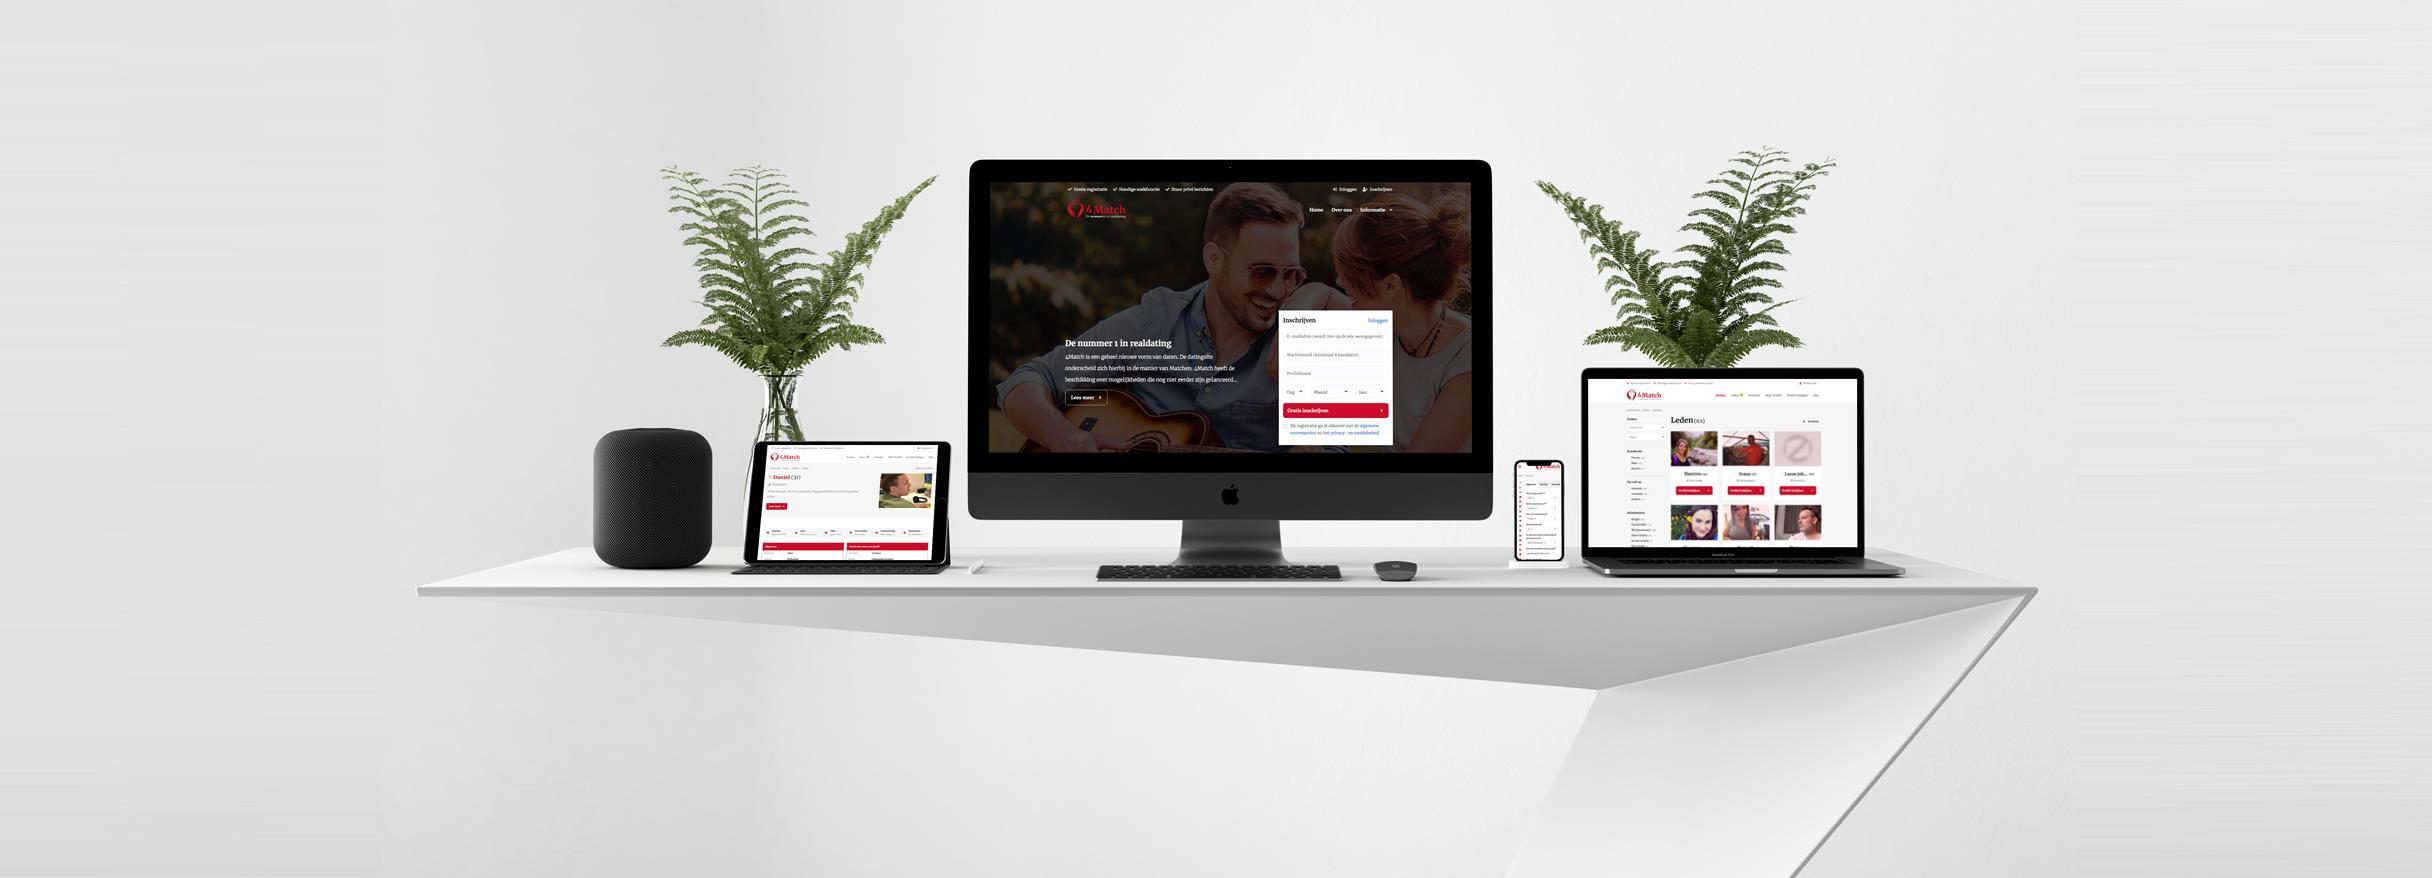 Online dating platform